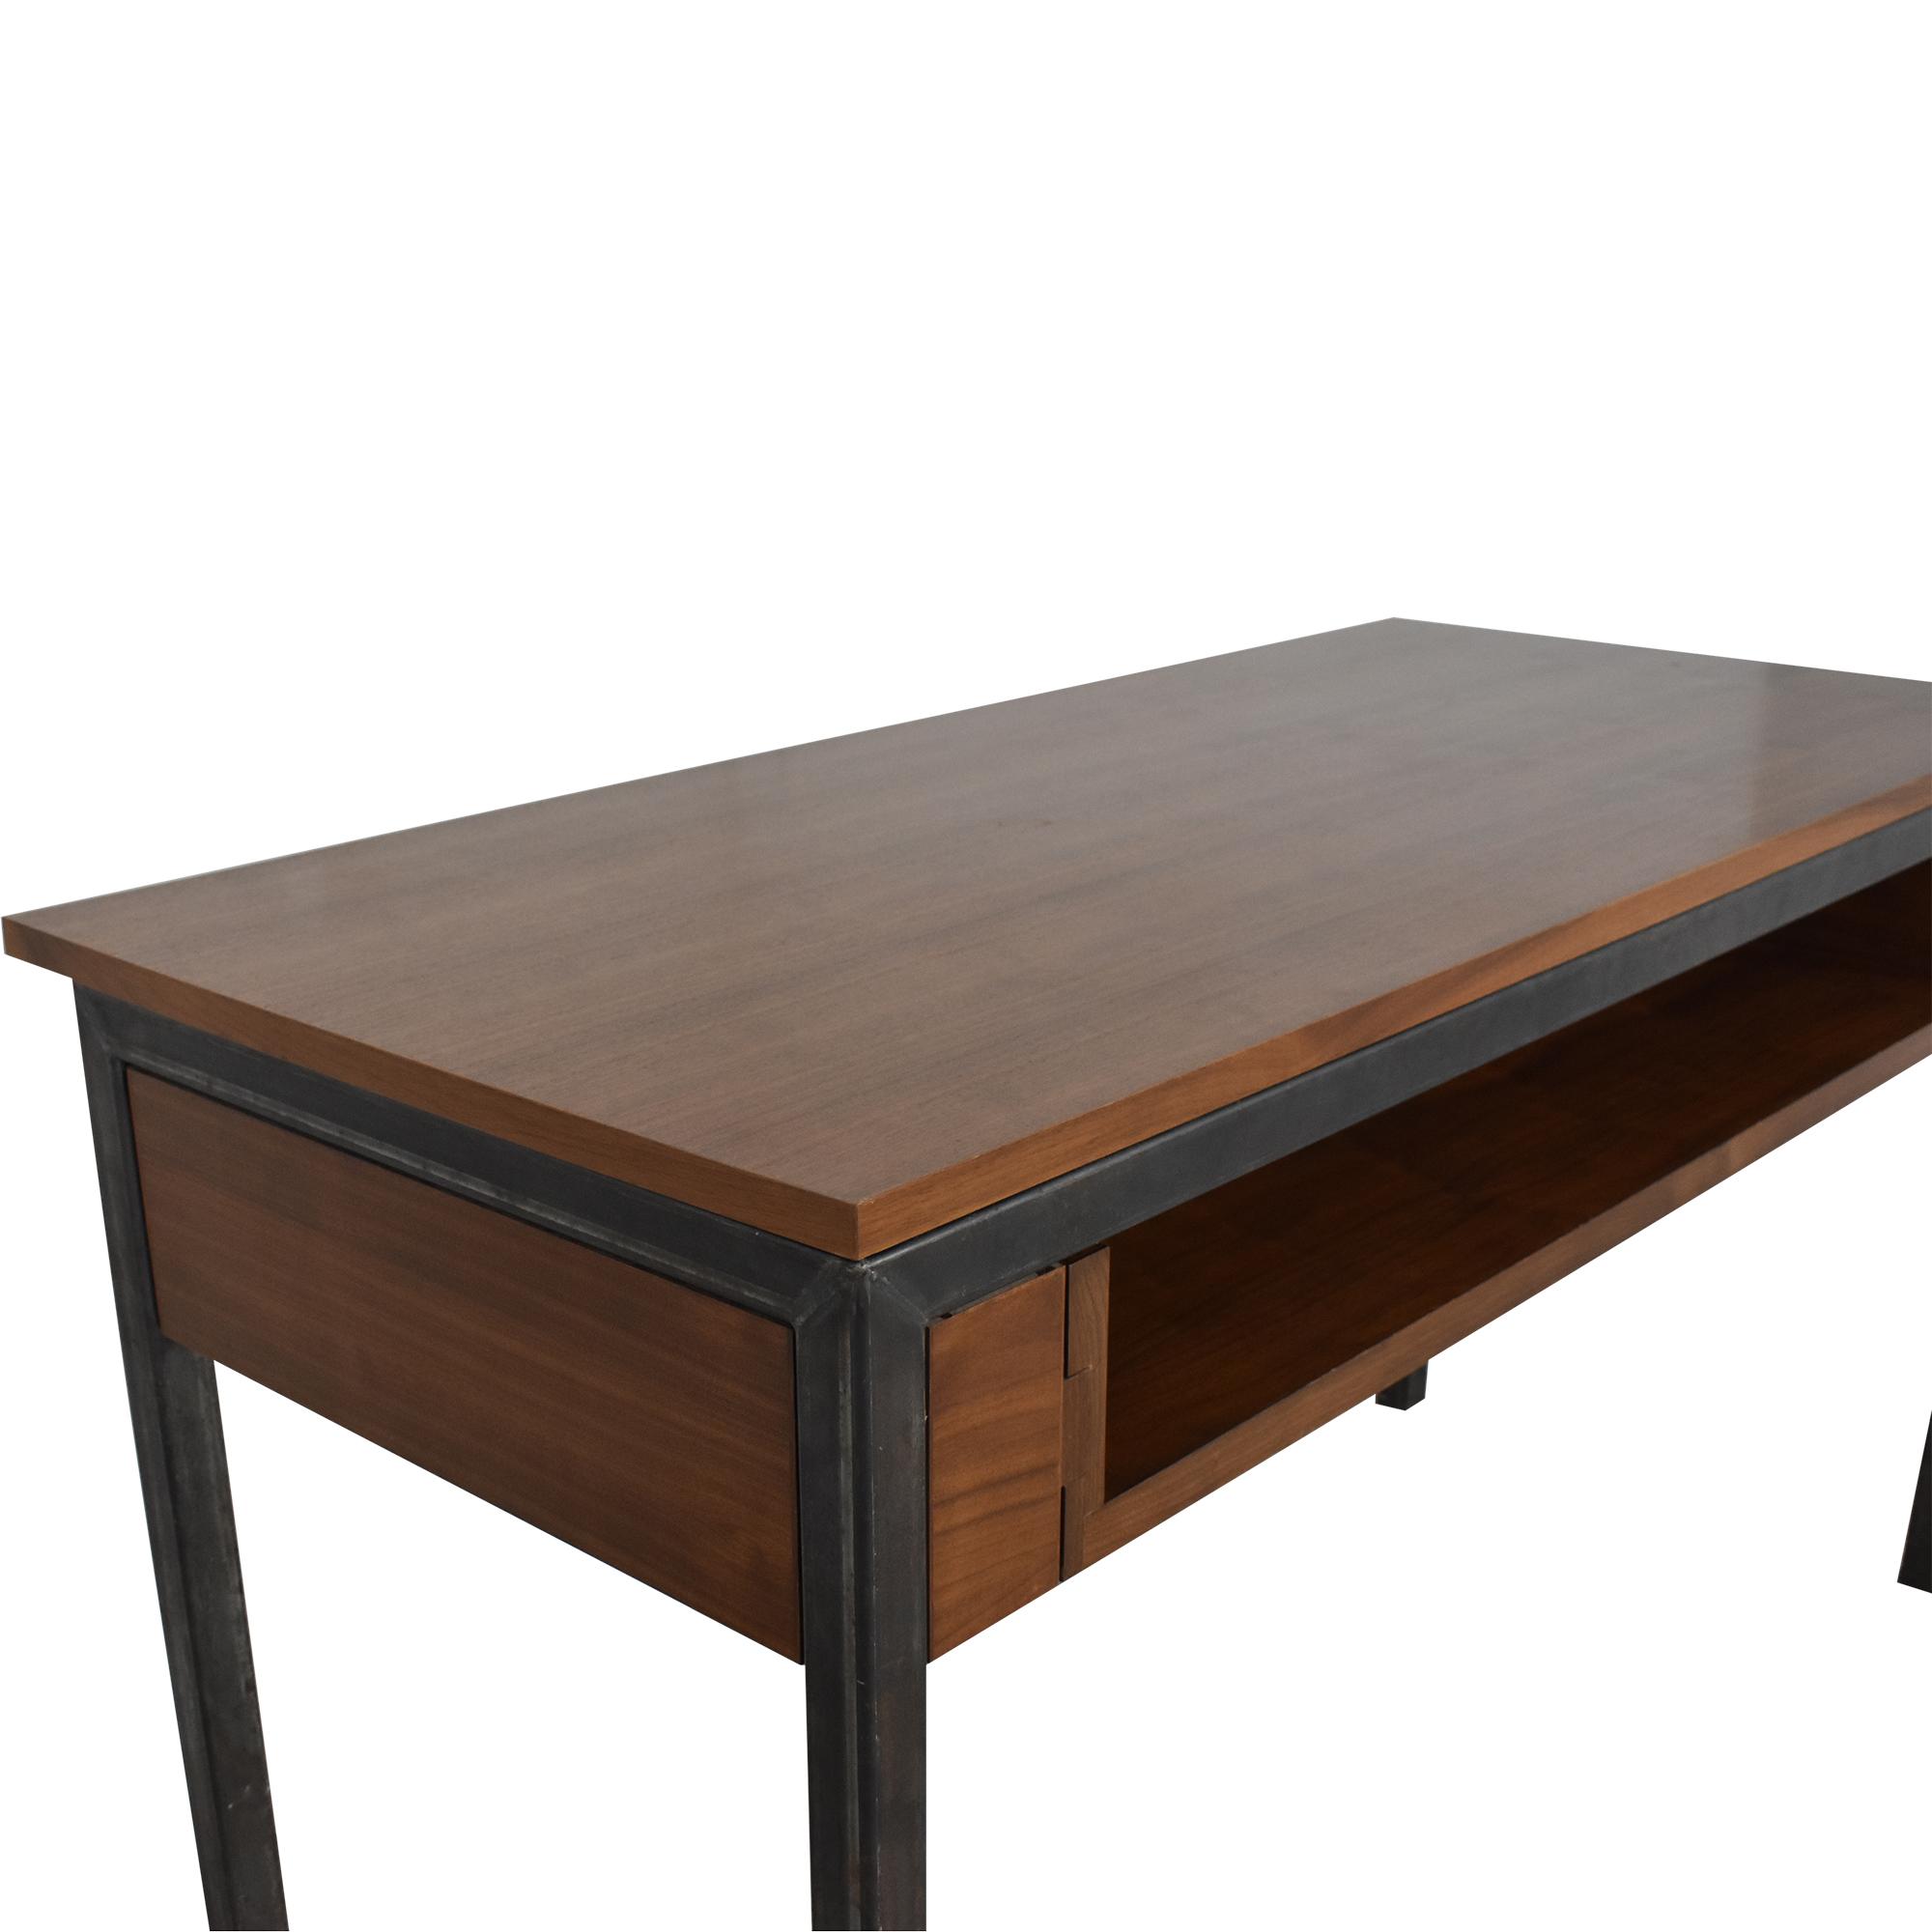 Custom Bar Height Table for sale